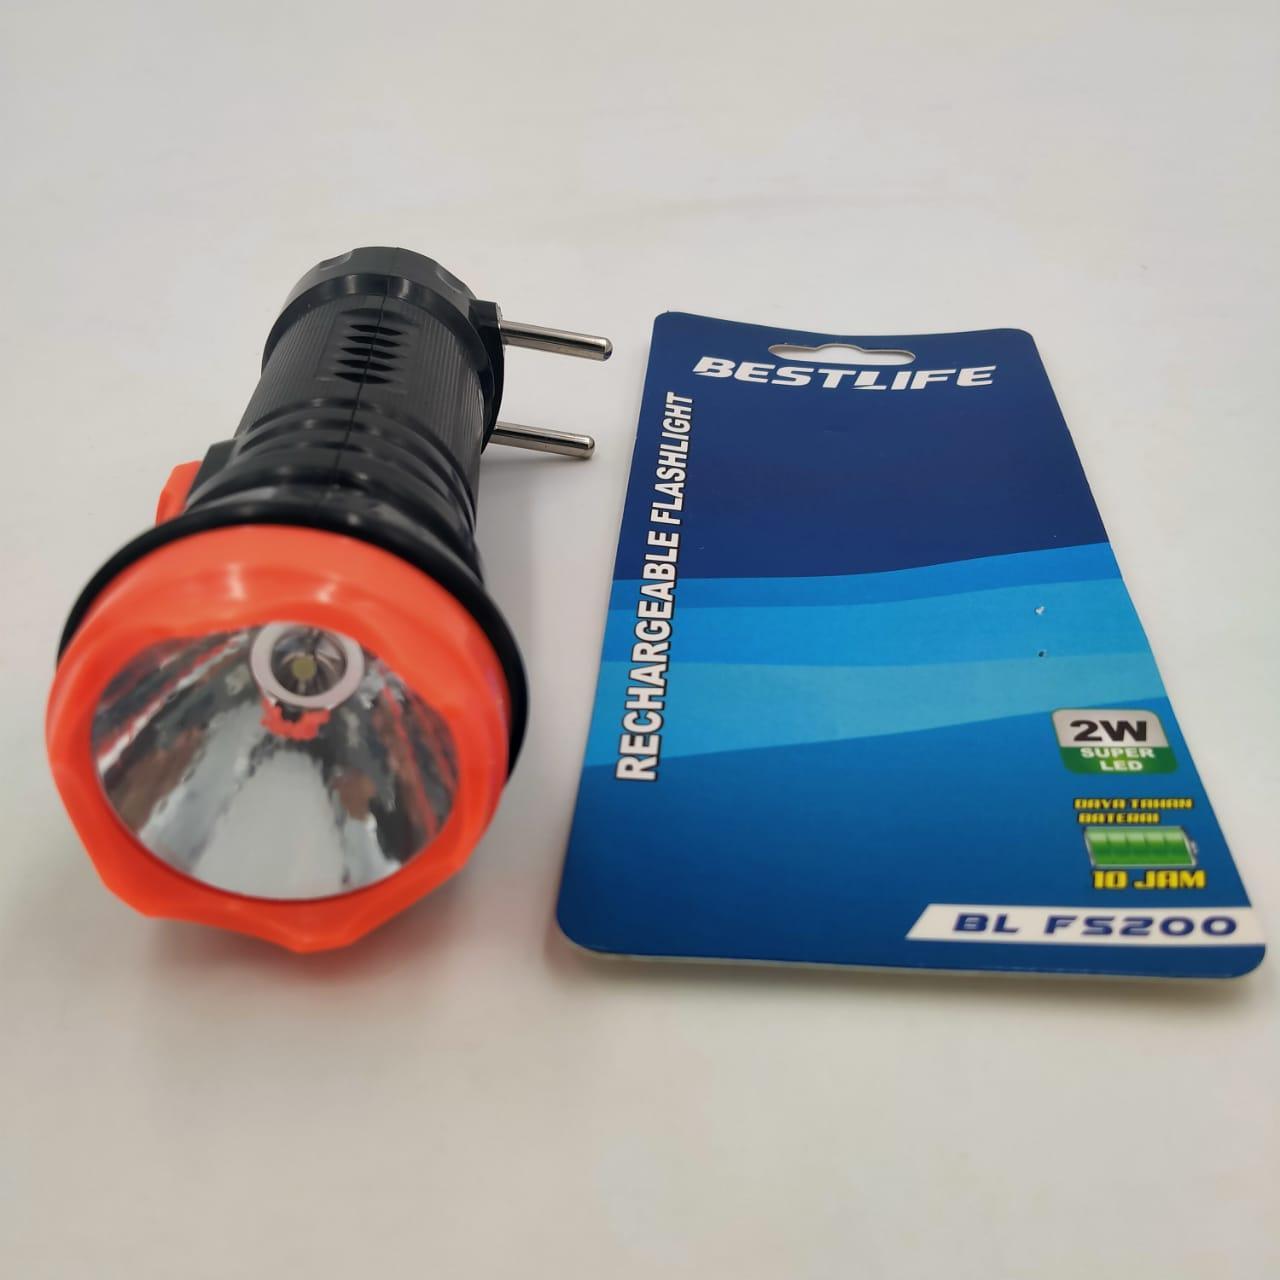 Senter Led  BL FS200 Mini  Emergency MERK BESTLIFE Watt Super LED Rechargeable-Goodank store